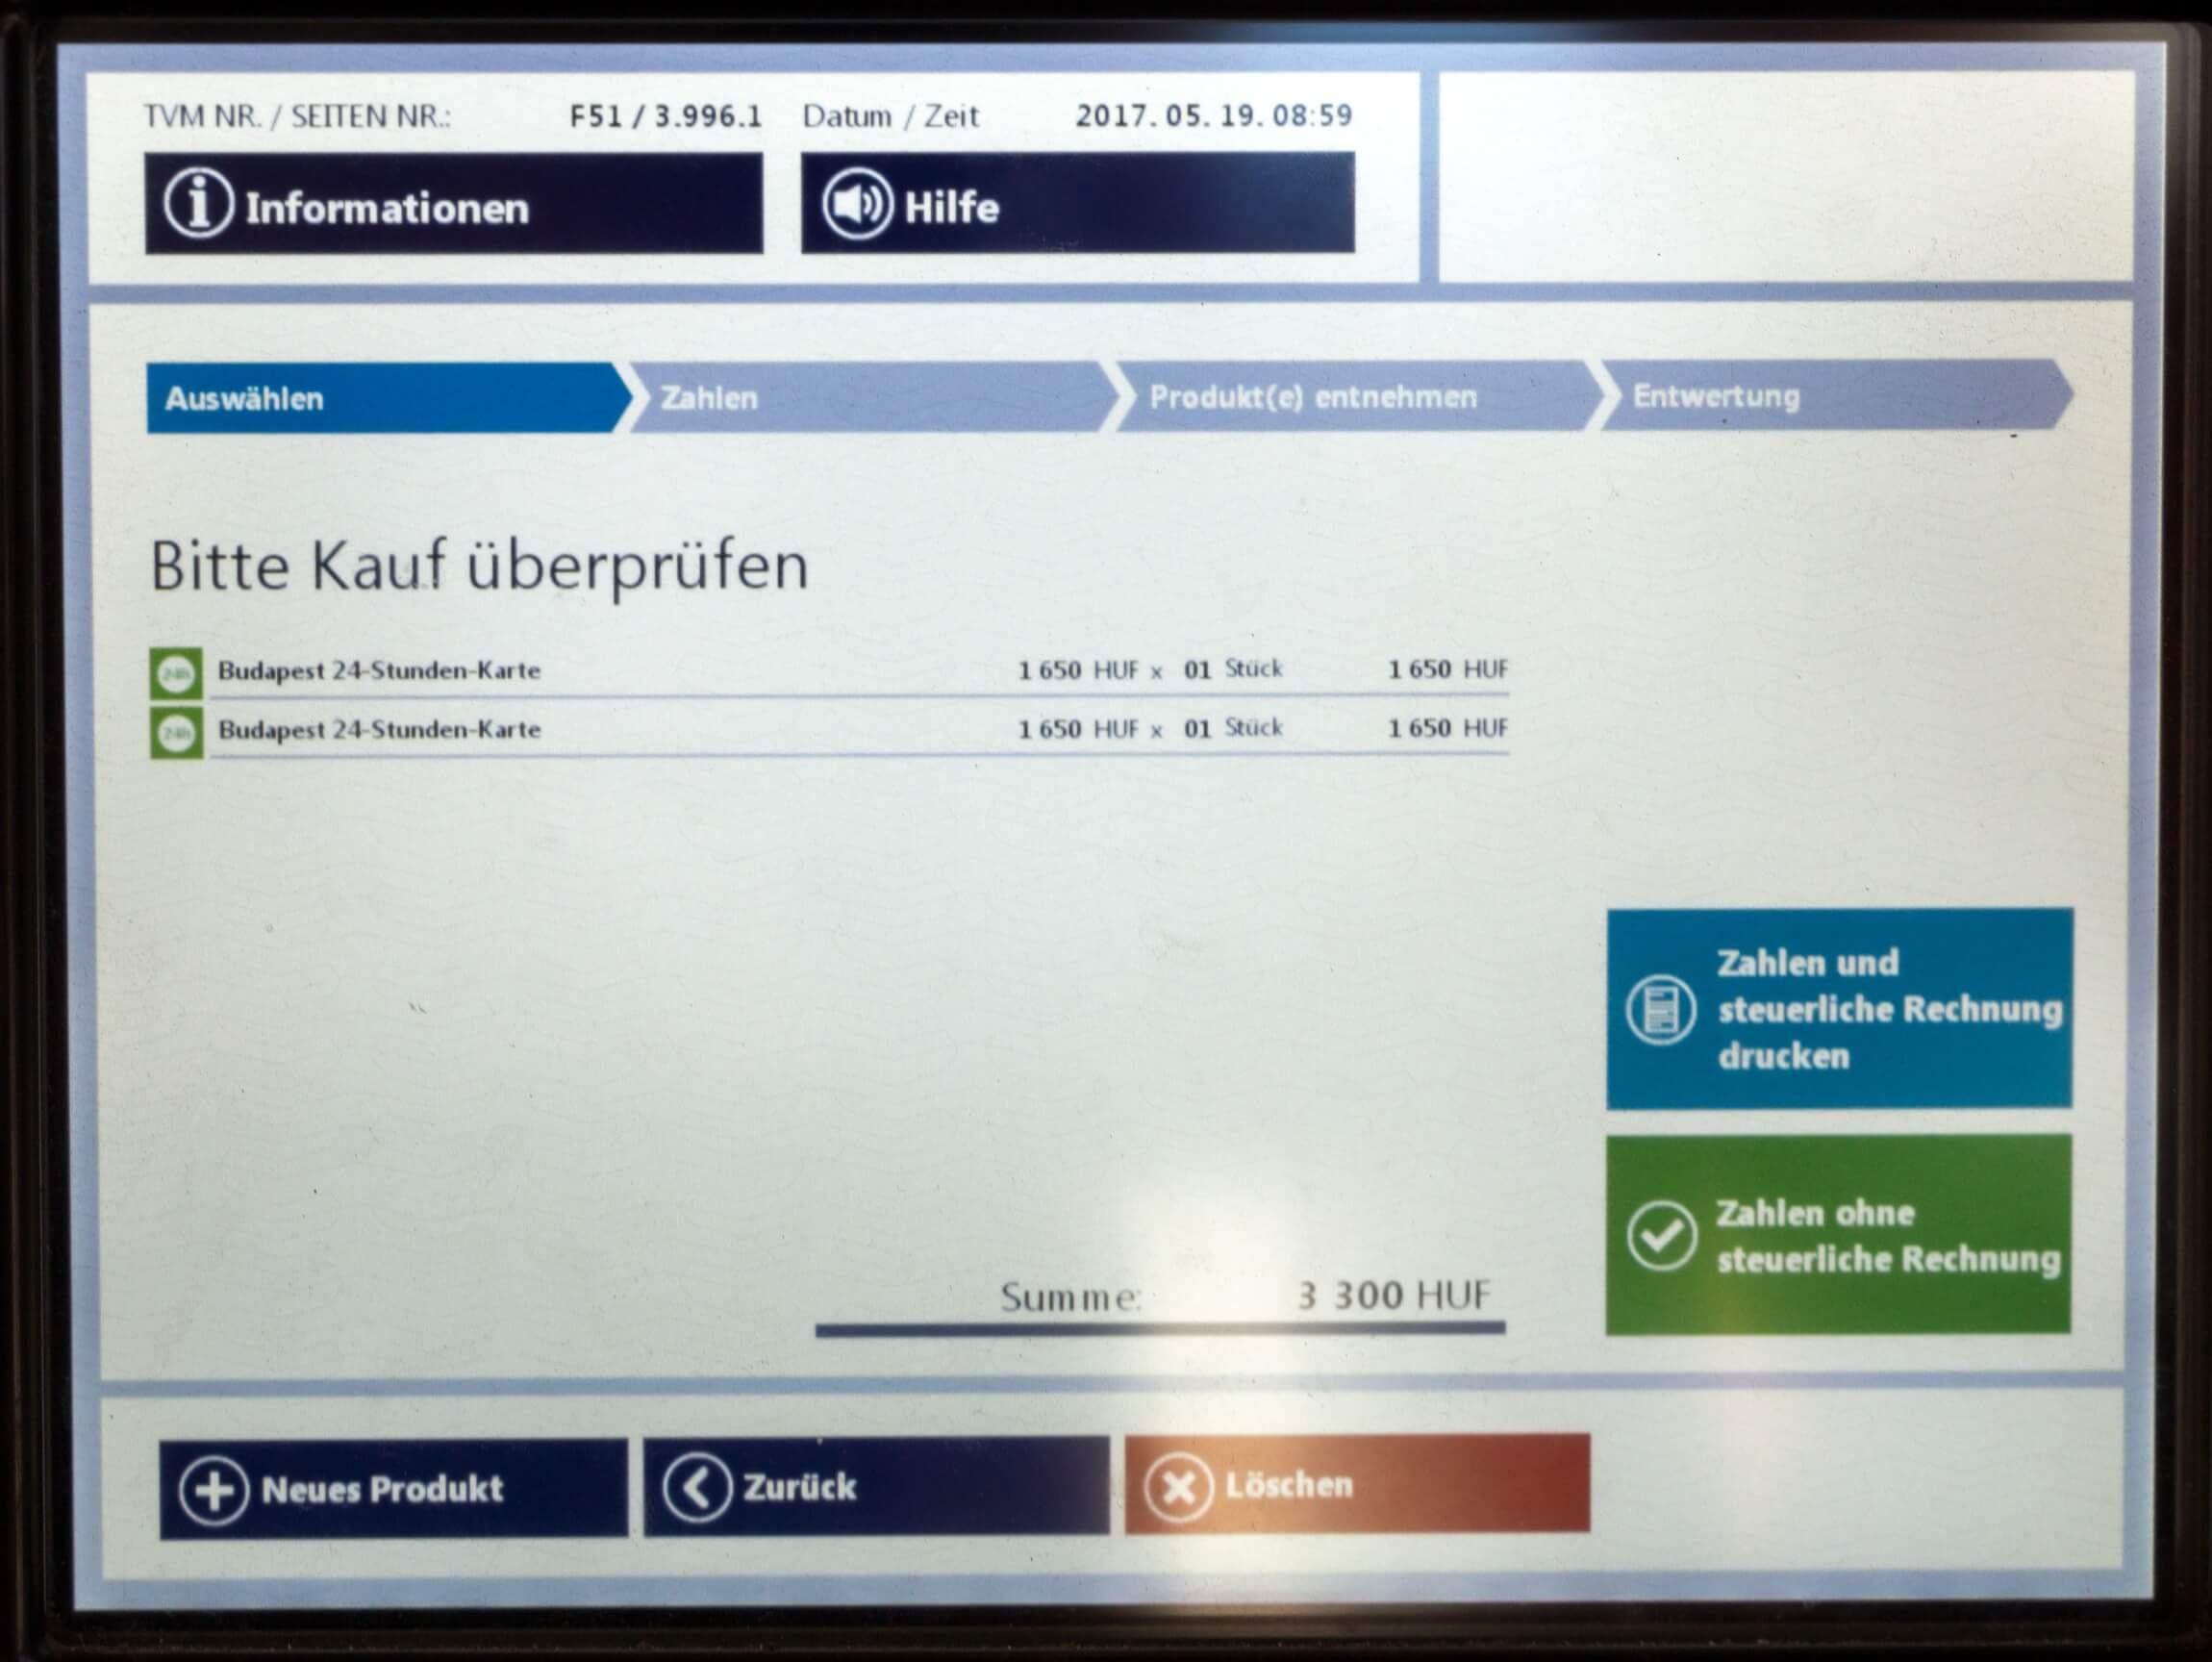 Ticket Budapest, Kauf prüfen